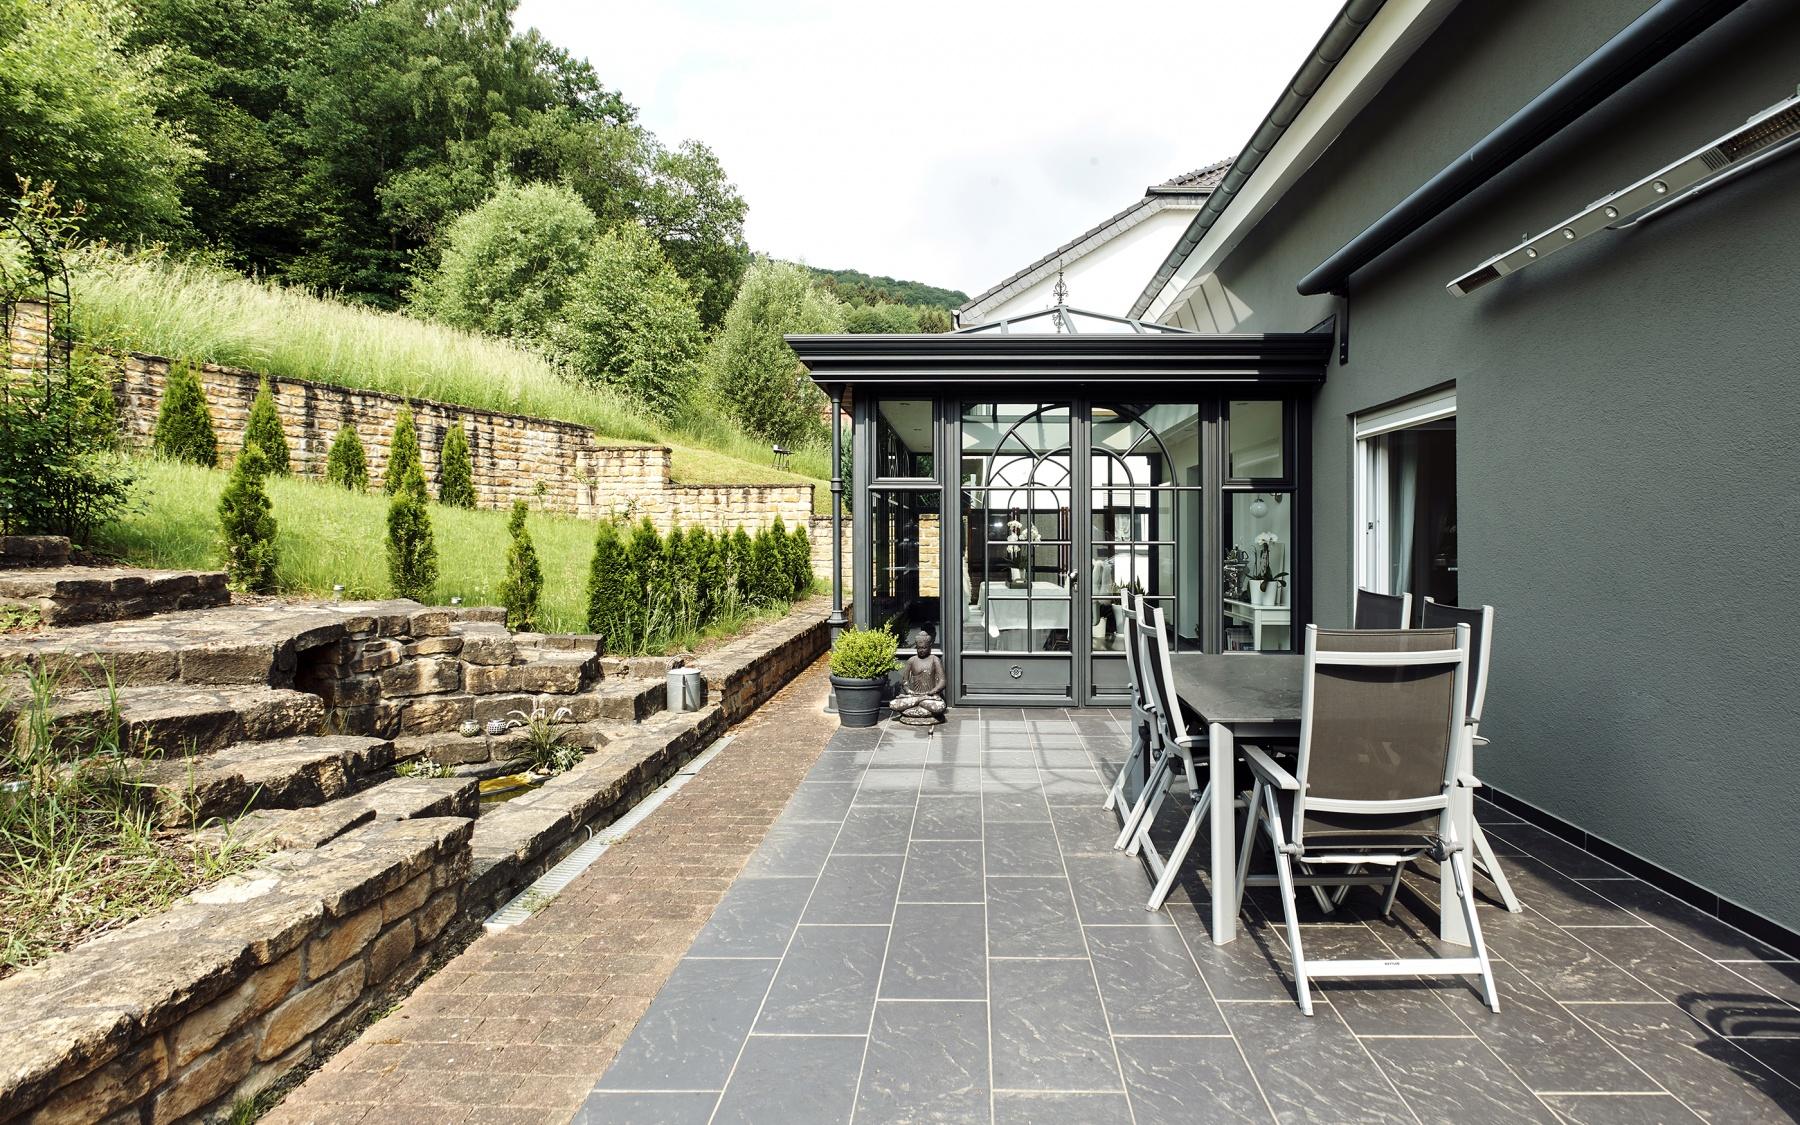 Maison contemporaine à Dillingen